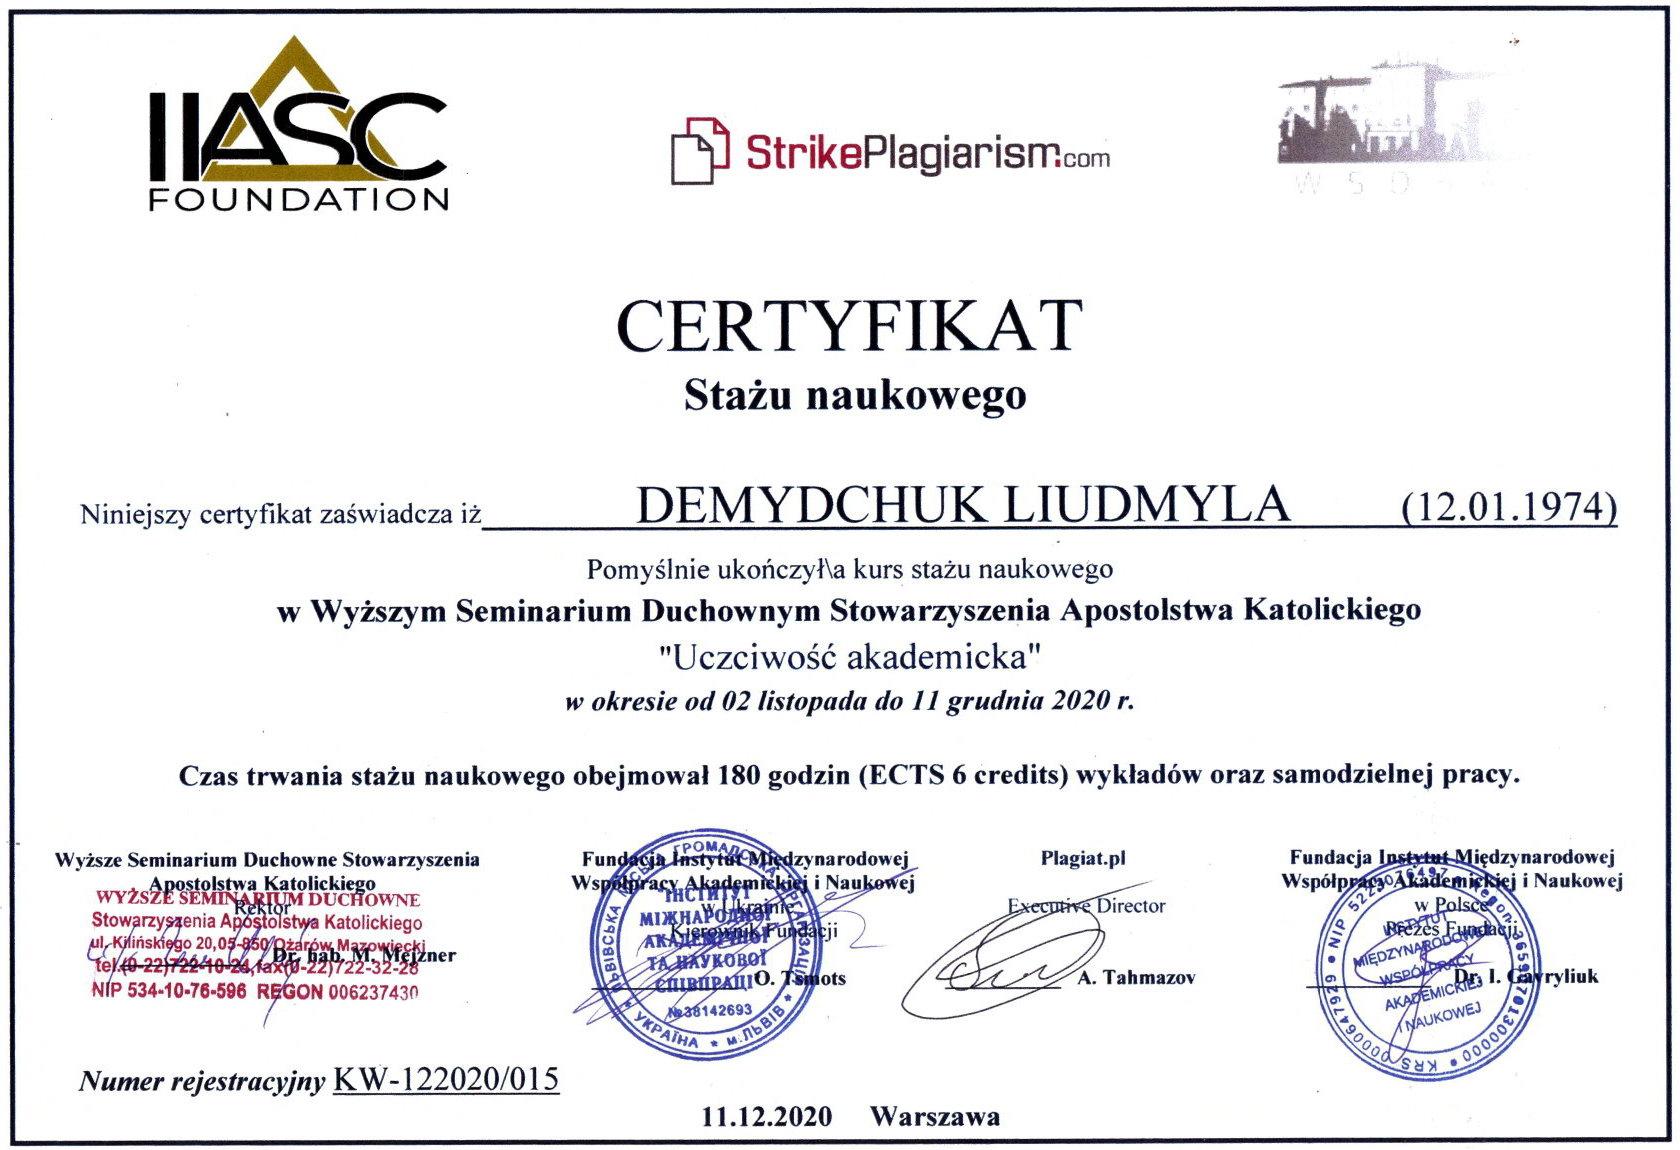 Сертифікат Демидчук Л.Б.